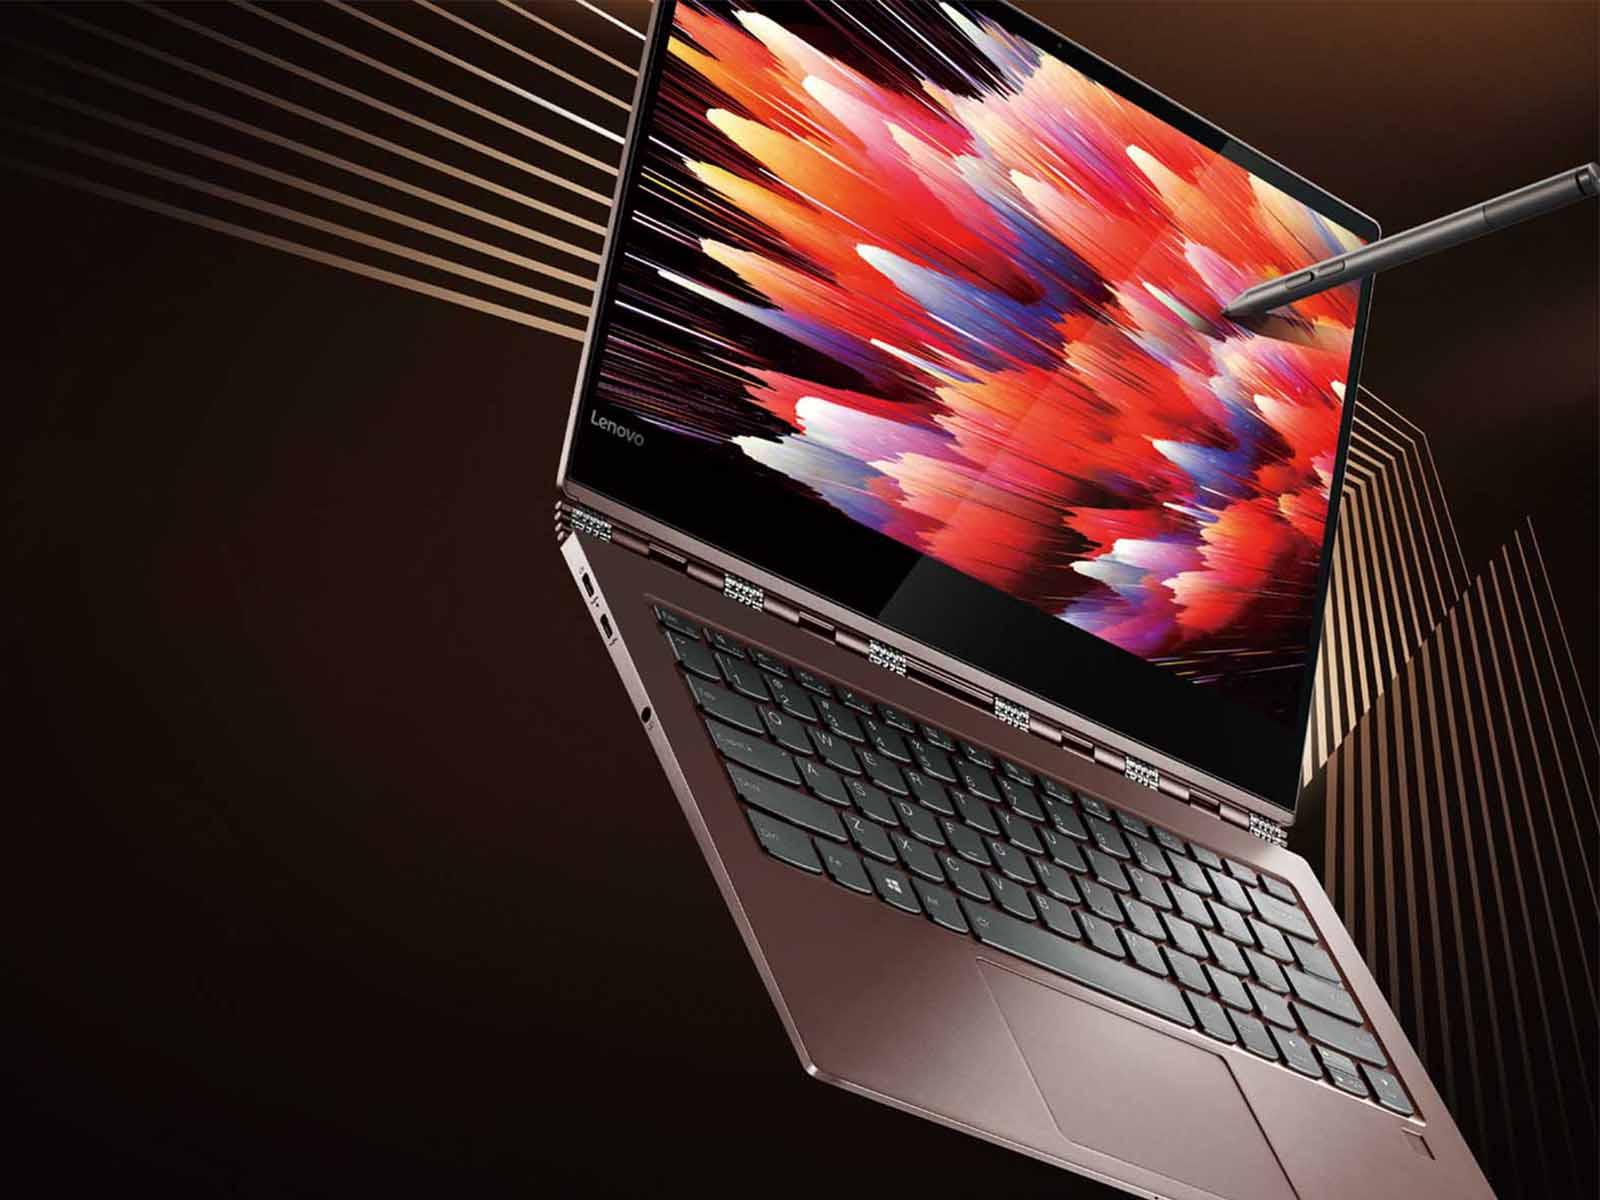 全球电脑PC出货量今年第二季度,联想排名第一